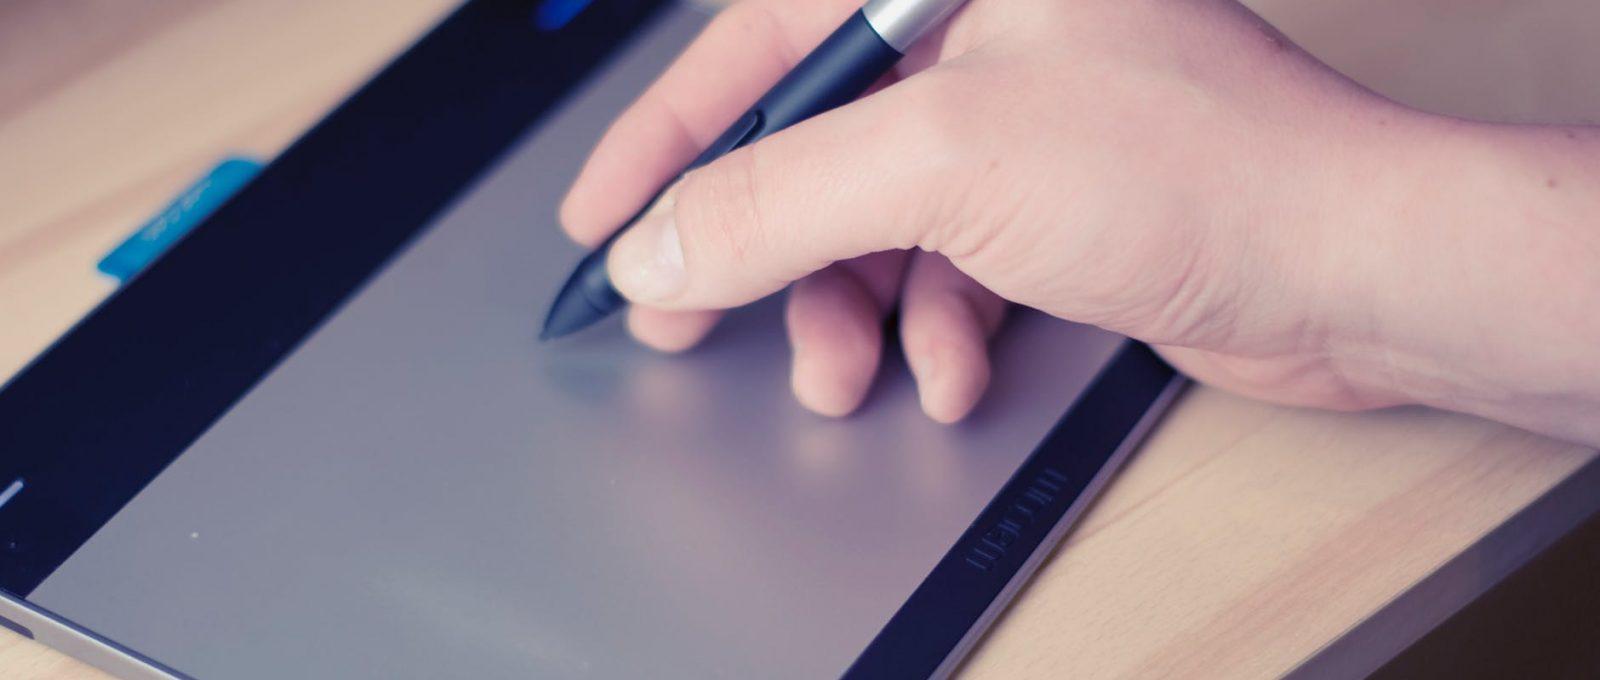 Huion GT220 : cette tablette est-elle vraiment accessible?